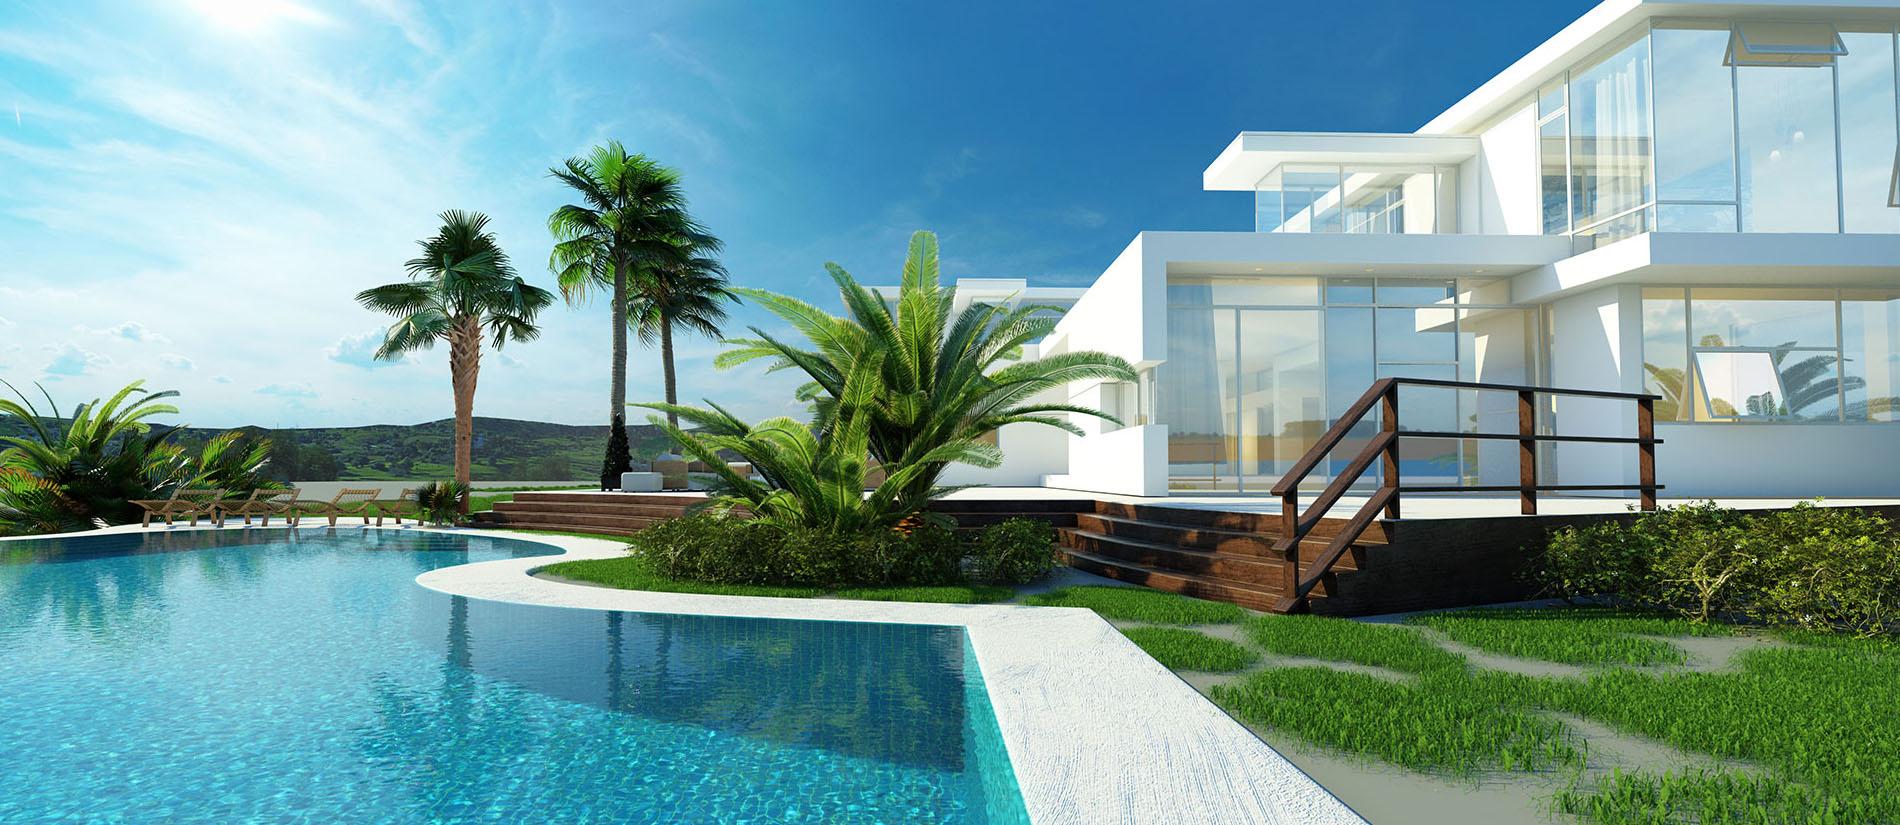 Resort, Khách Sạn - Căn Hộ, Biệt Thự Nghỉ Dưỡng